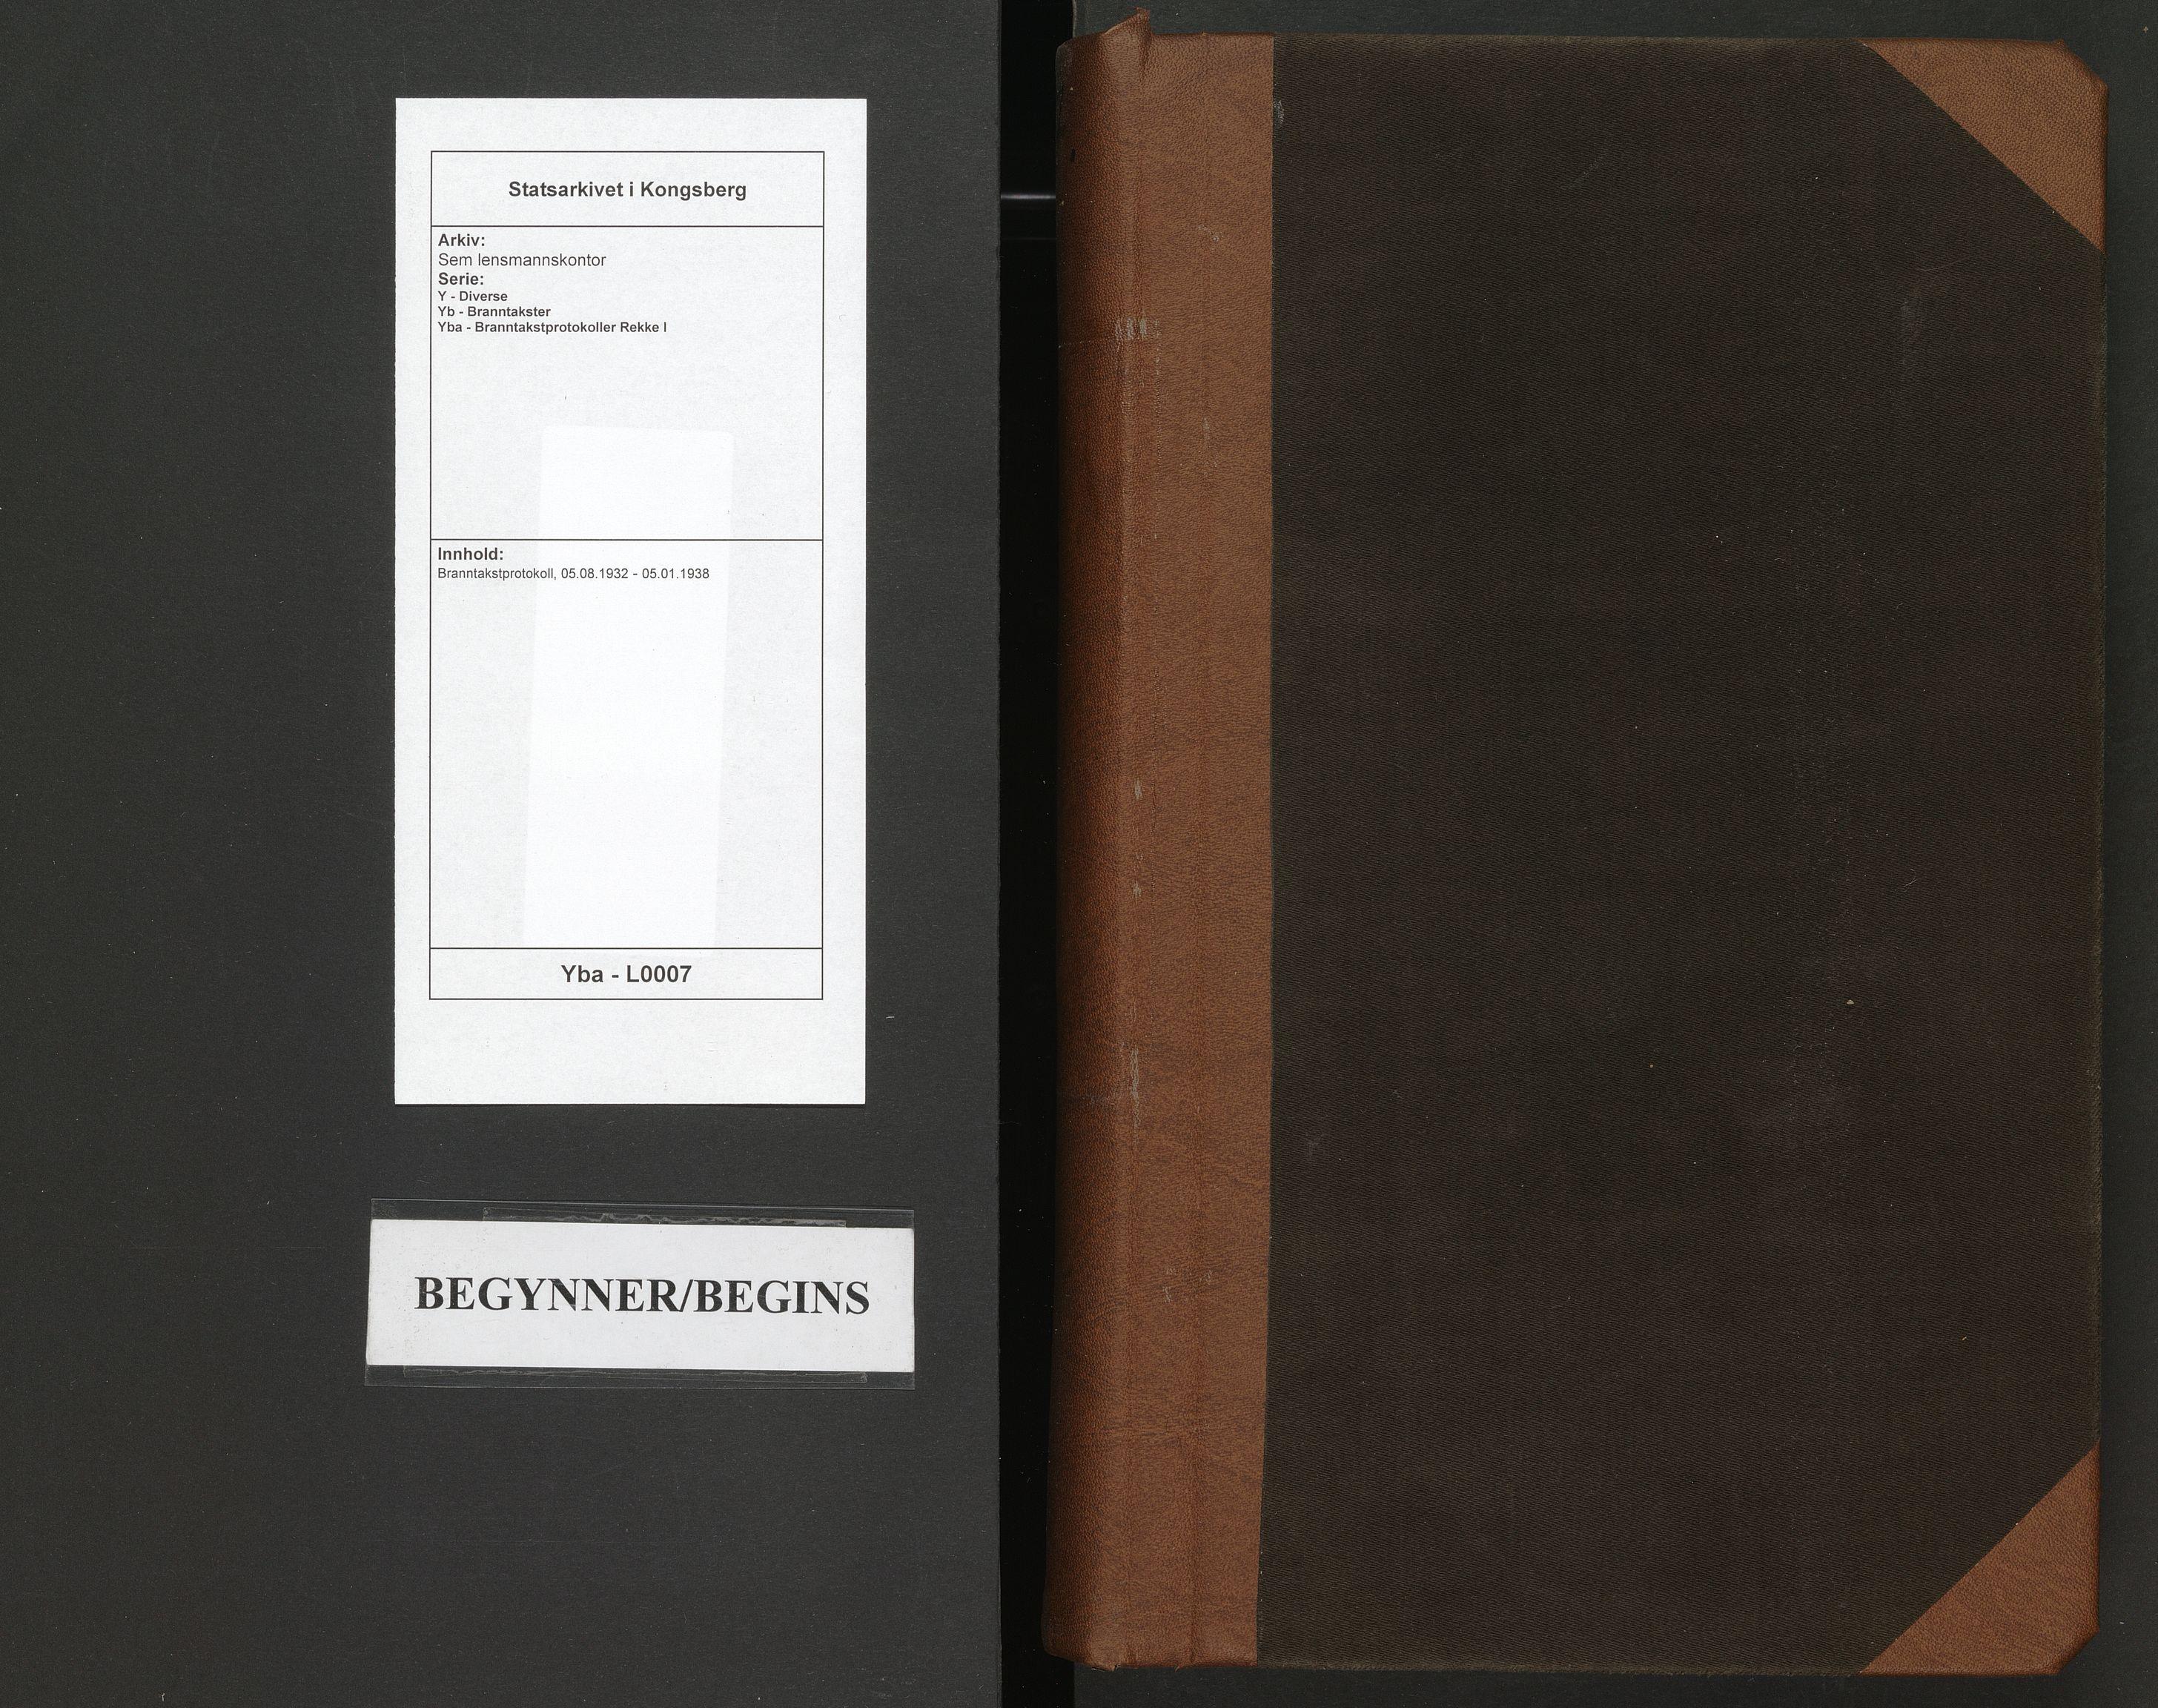 SAKO, Sem lensmannskontor, Y/Yb/Yba/L0007: Branntakstprotokoll, 1932-1938